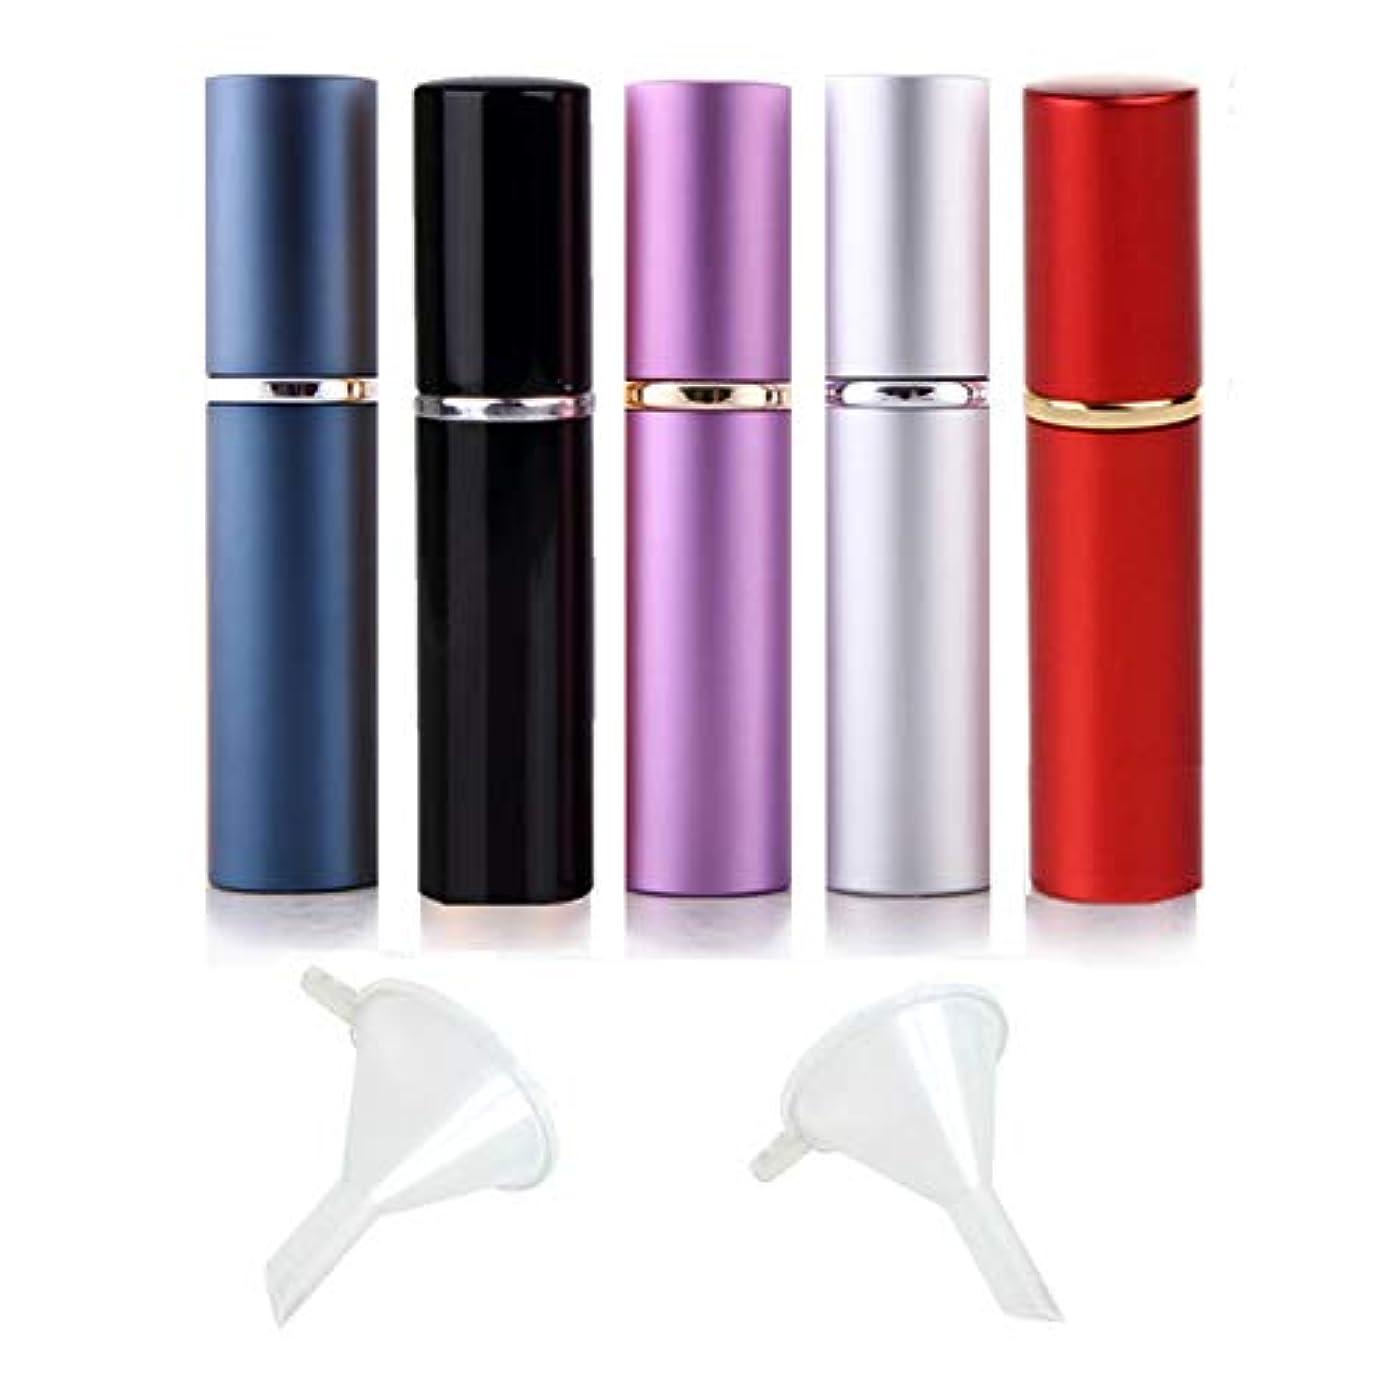 部分的に立派な同じアトマイザー 5本 香水ボトル 香水瓶 6ml詰め替え容器 レディース スプレーボトル ミニ漏斗付き